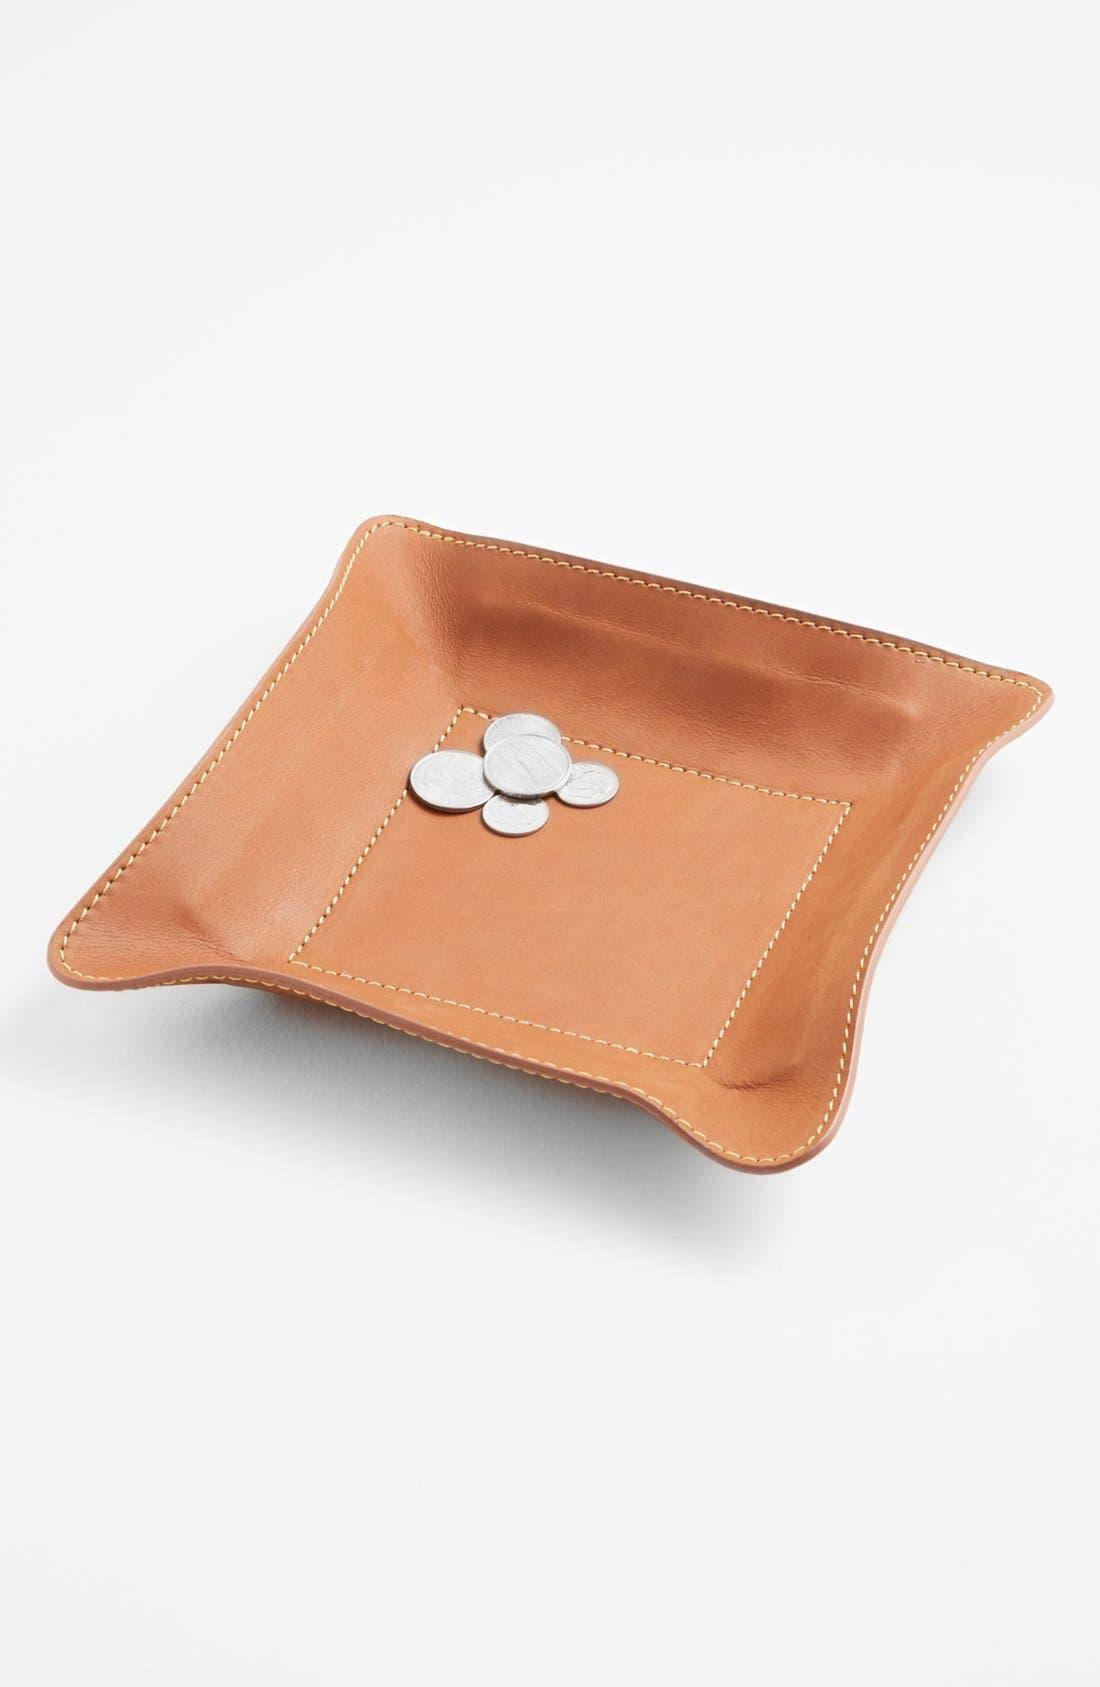 Main Image - Mulholland Leather Folding Tray